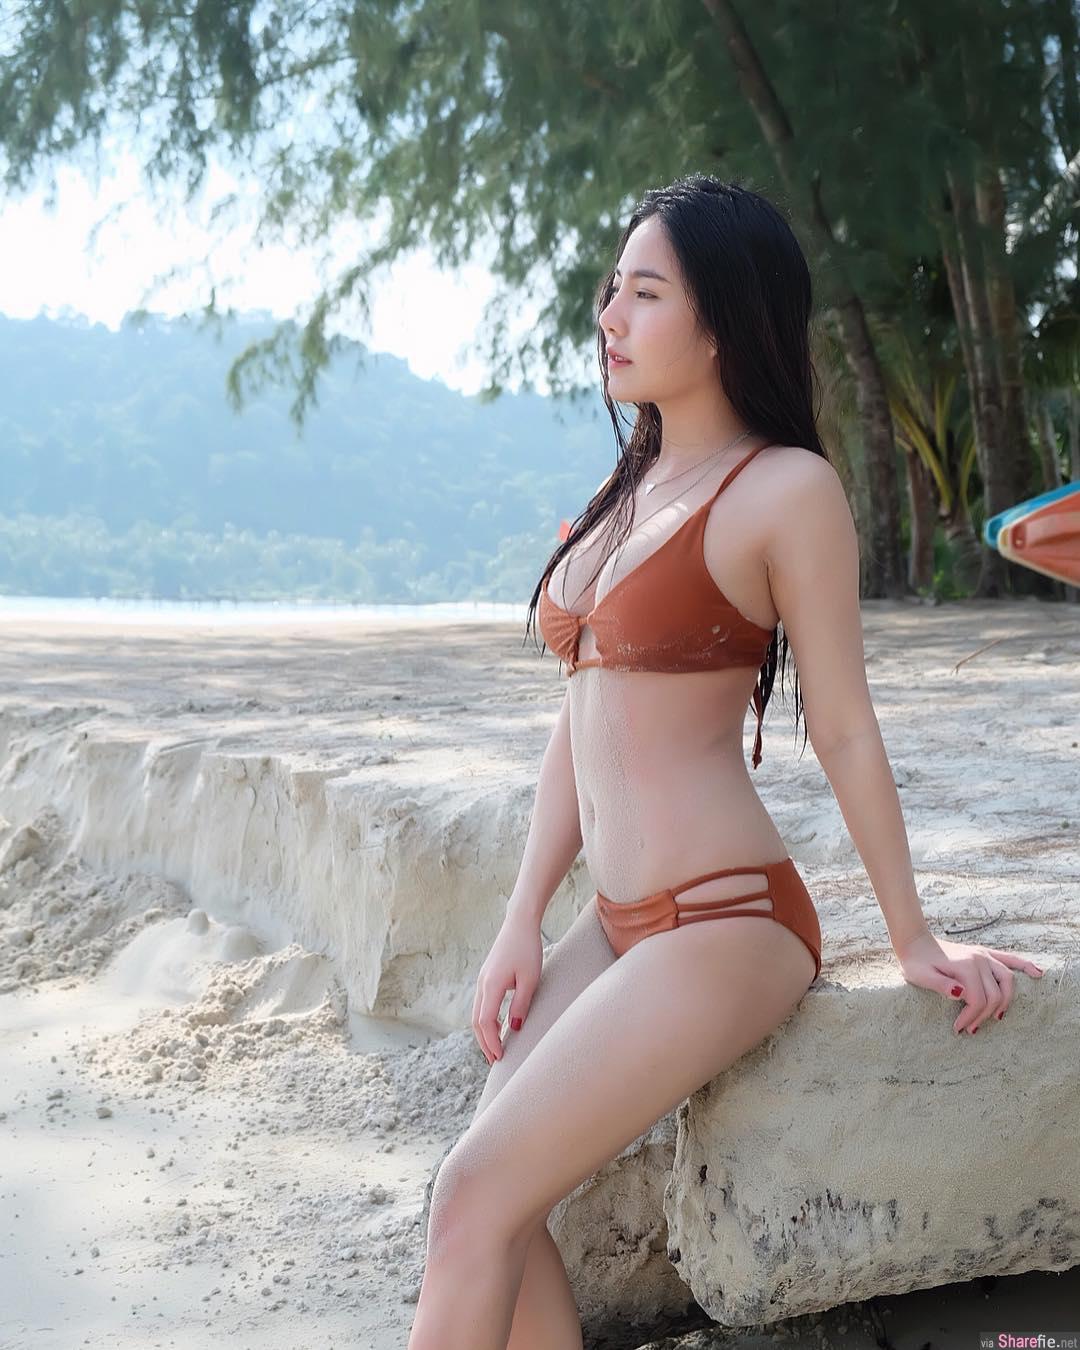 泰国正妹身材白皙明星气质比基尼太抢眼 网友:这基因太强了